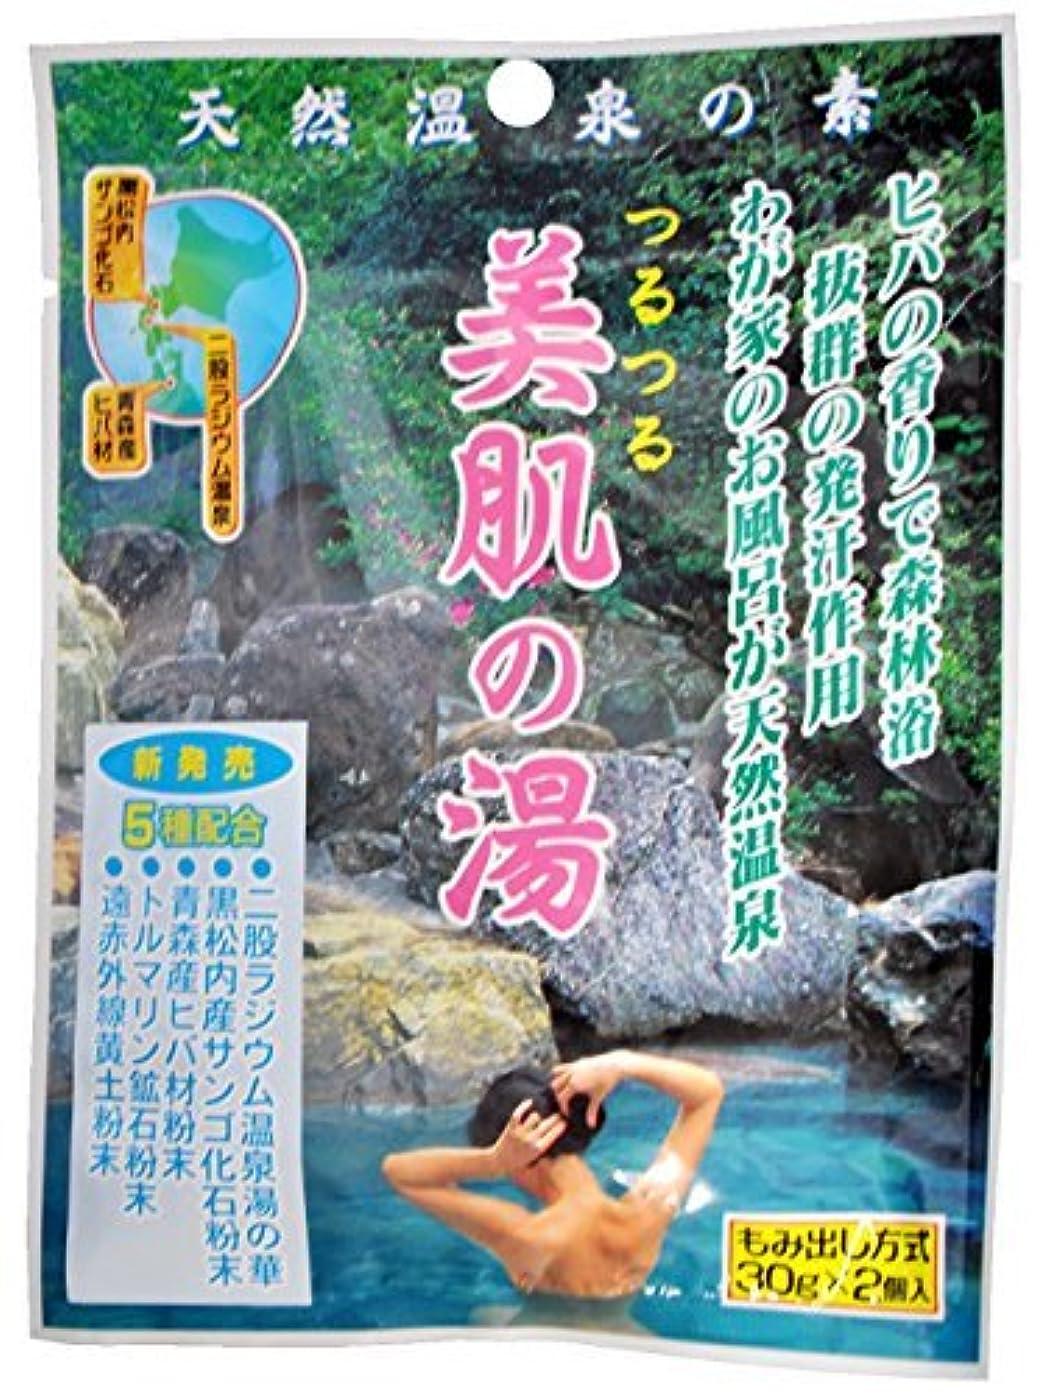 パントリーシールド化学者【まとめ買い】天然成分入浴剤 つるつる 美肌の湯 2袋入 二股ラジウム温泉の湯の華 ×100個